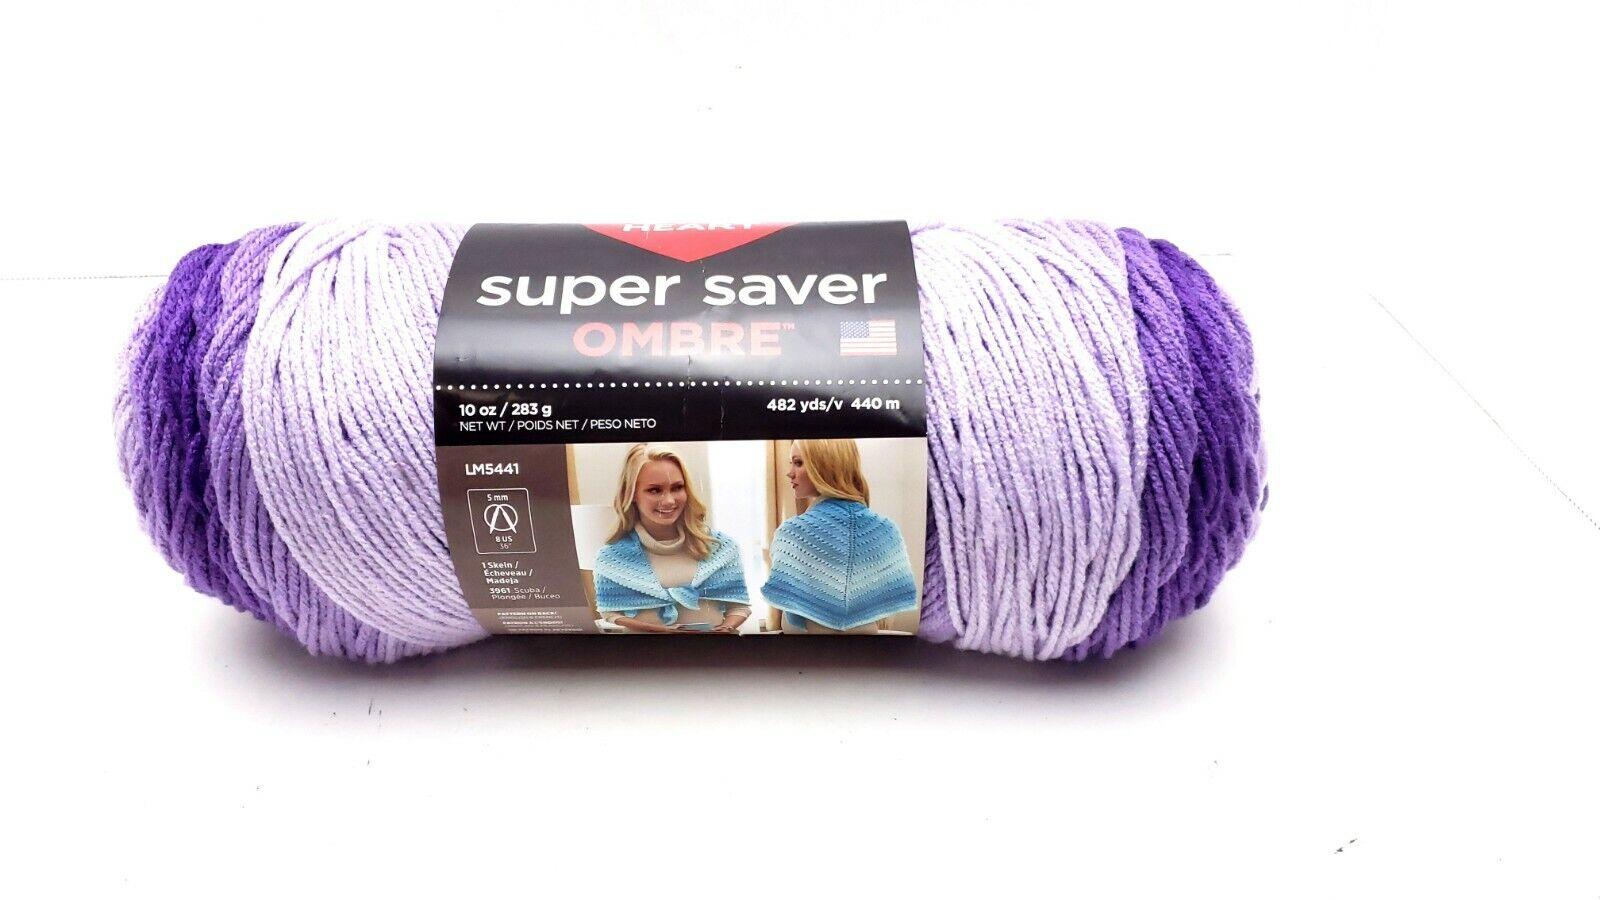 E305-3969 E305-3969 Red Heart Super Saver Ombre Yarn-Violet